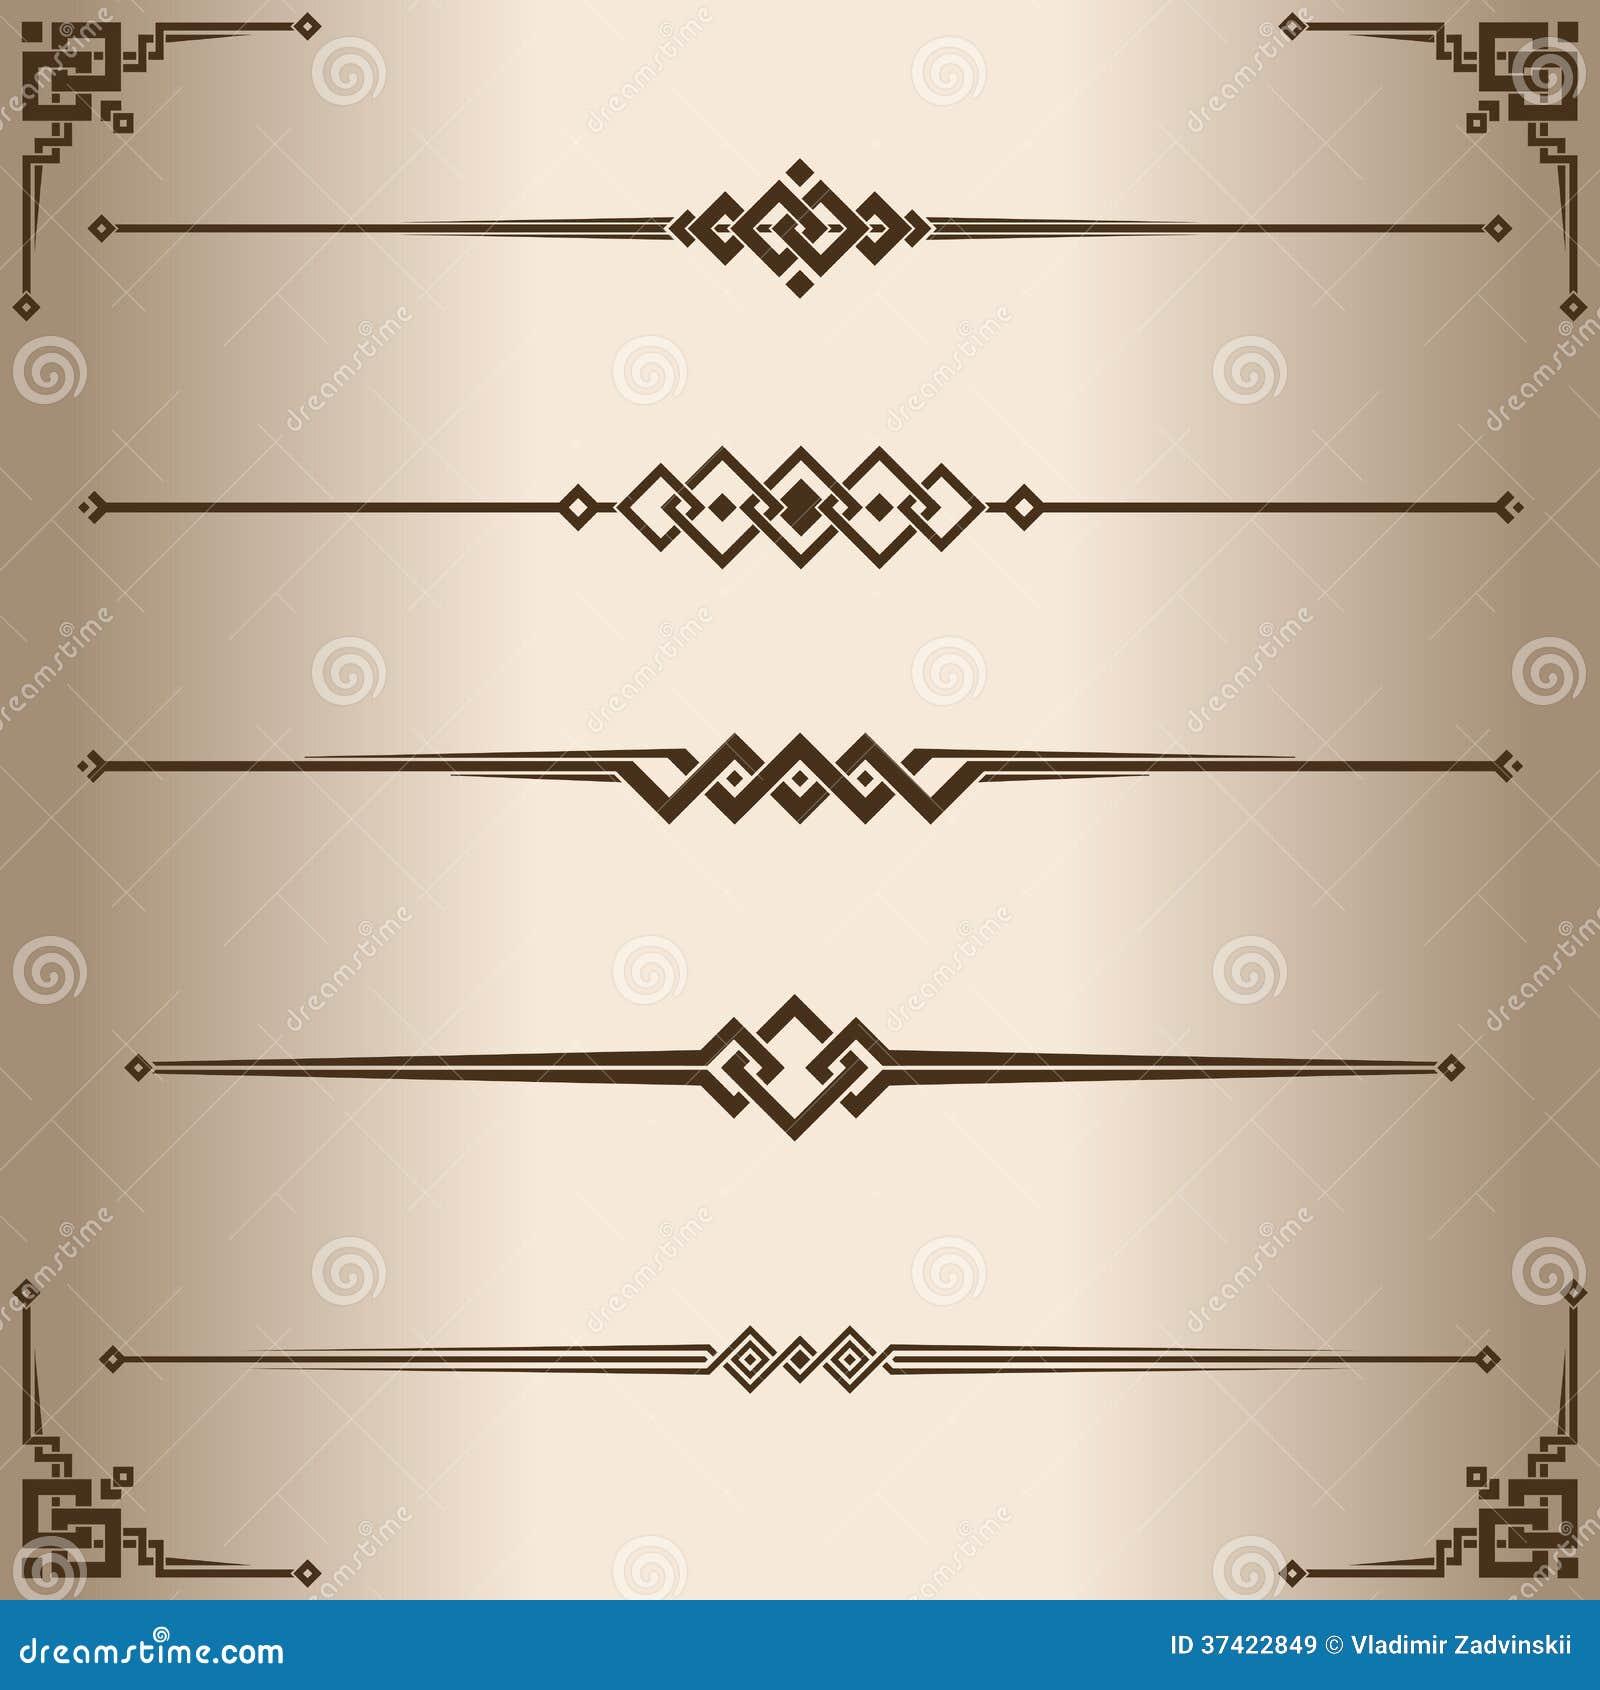 linee decorative illustrazione vettoriale illustrazione